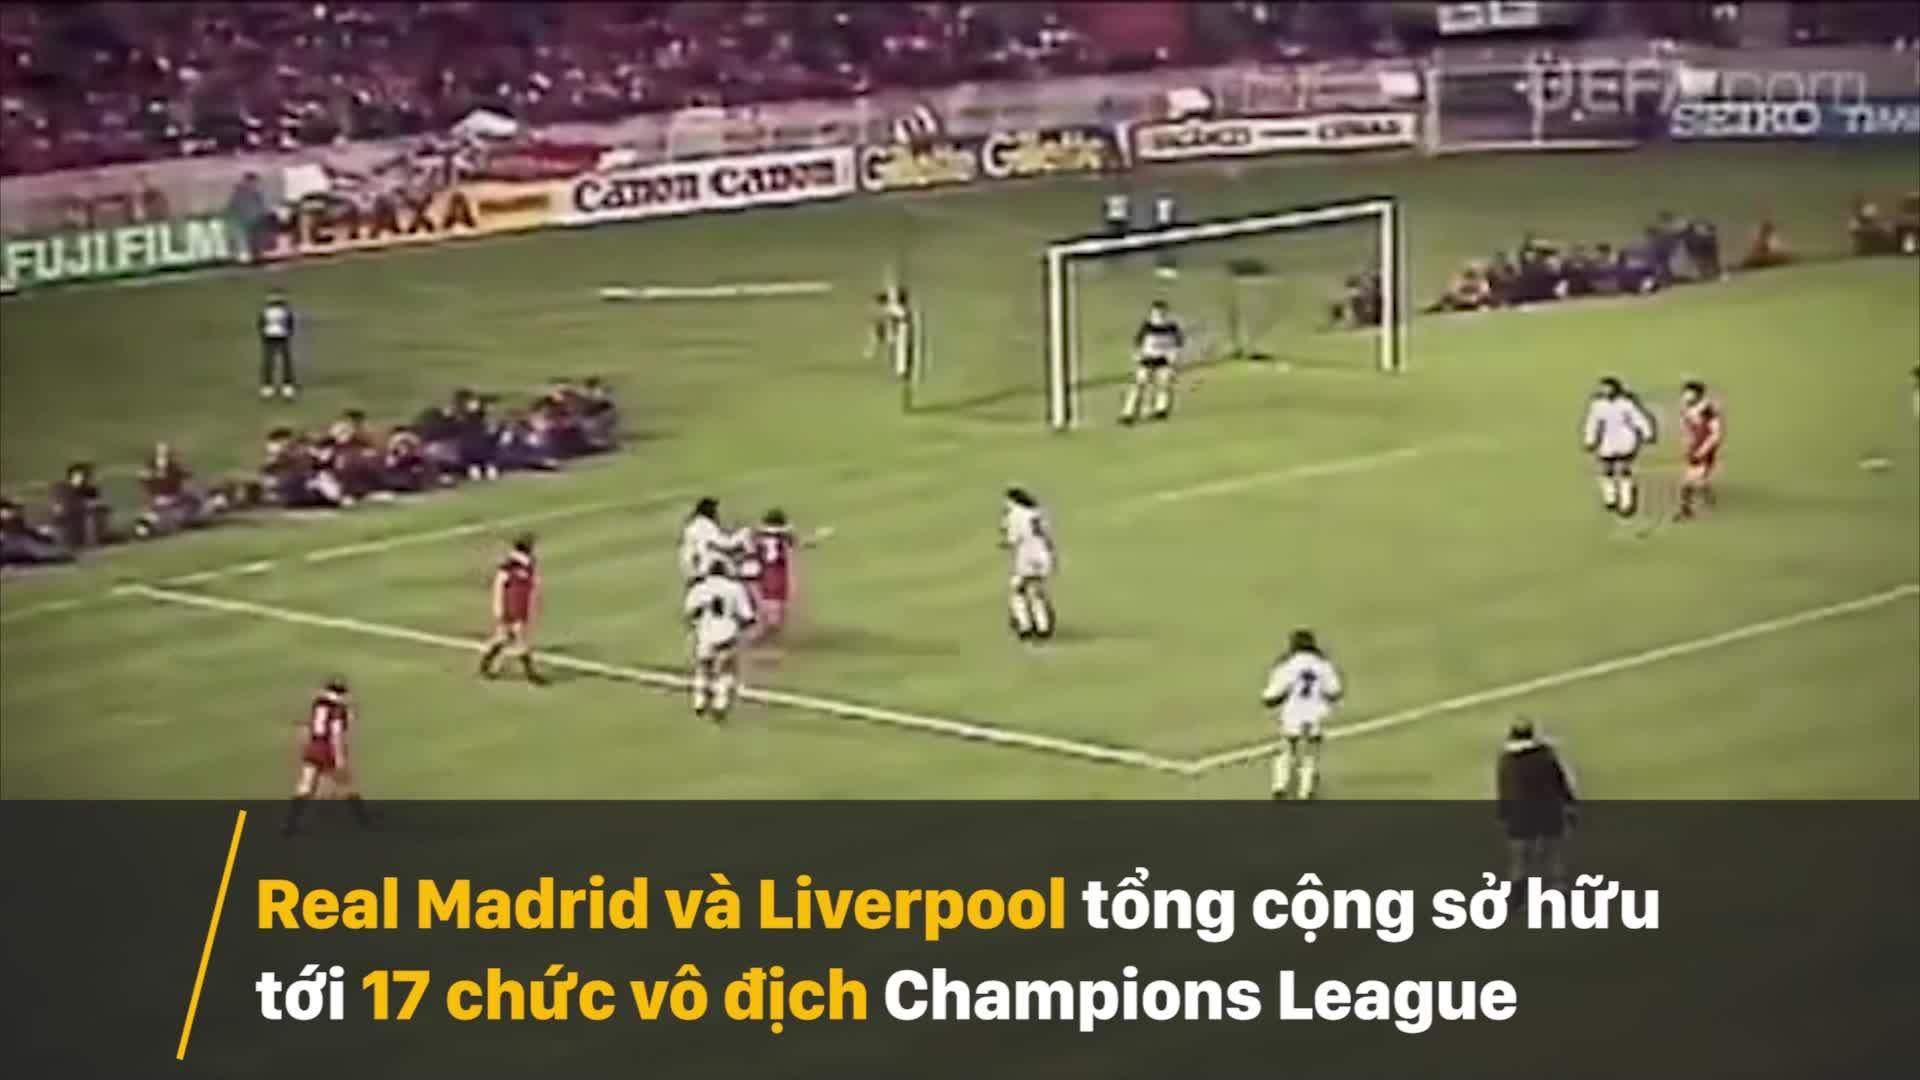 Lịch sử đối đầu giữa Real Madrid và Liverpool